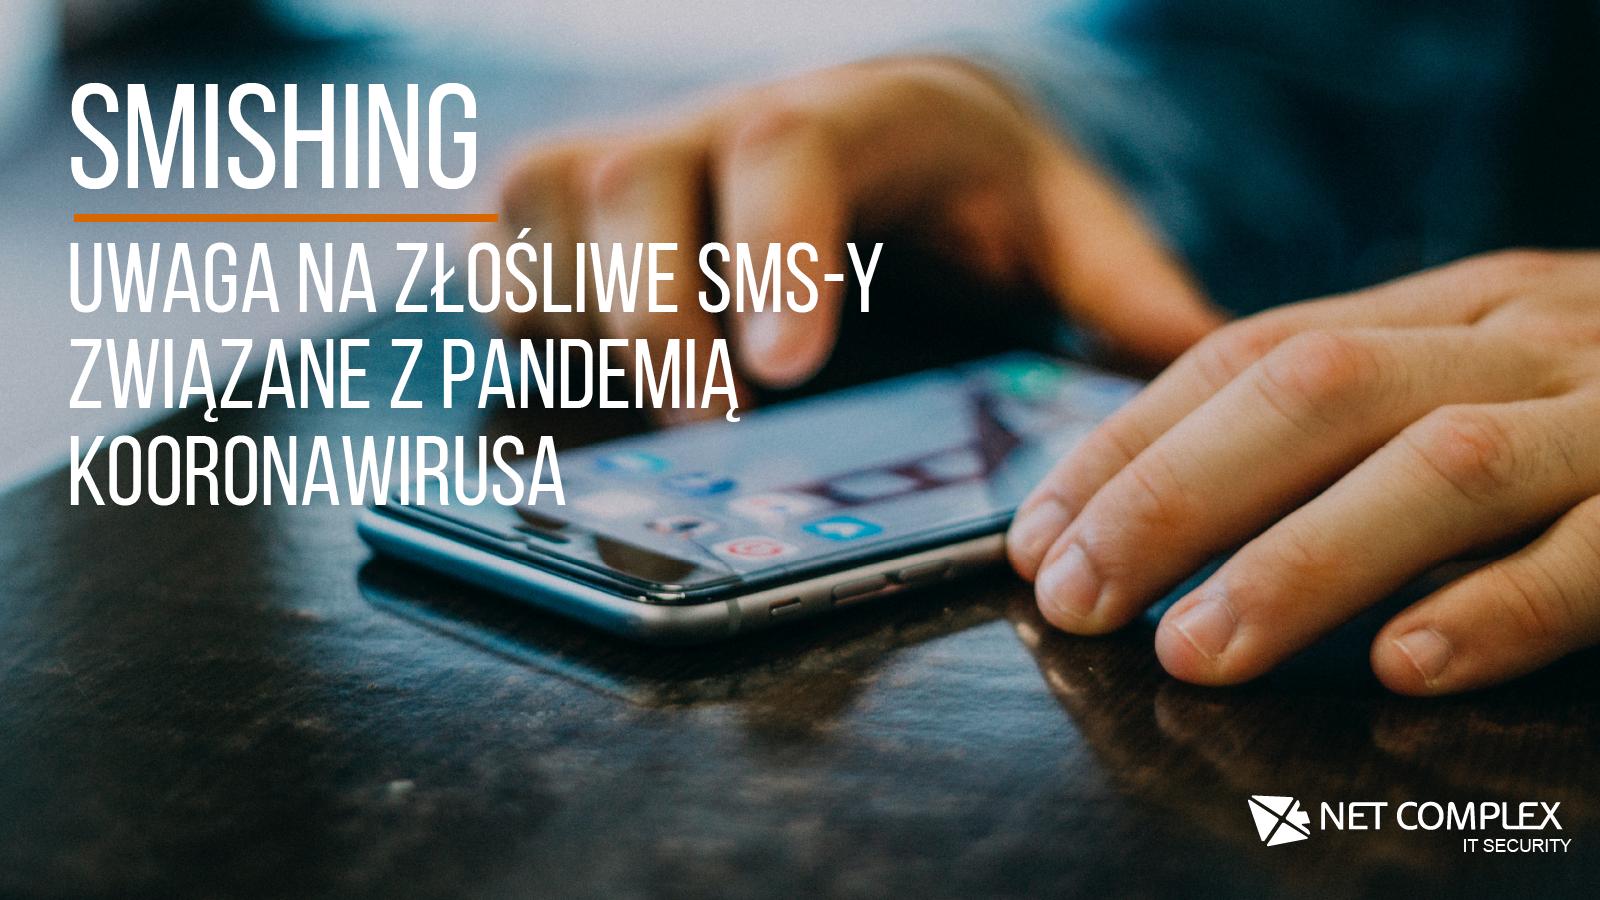 Smishing, czyli forma taku phishing pojawiła się w związku z koronawirusem